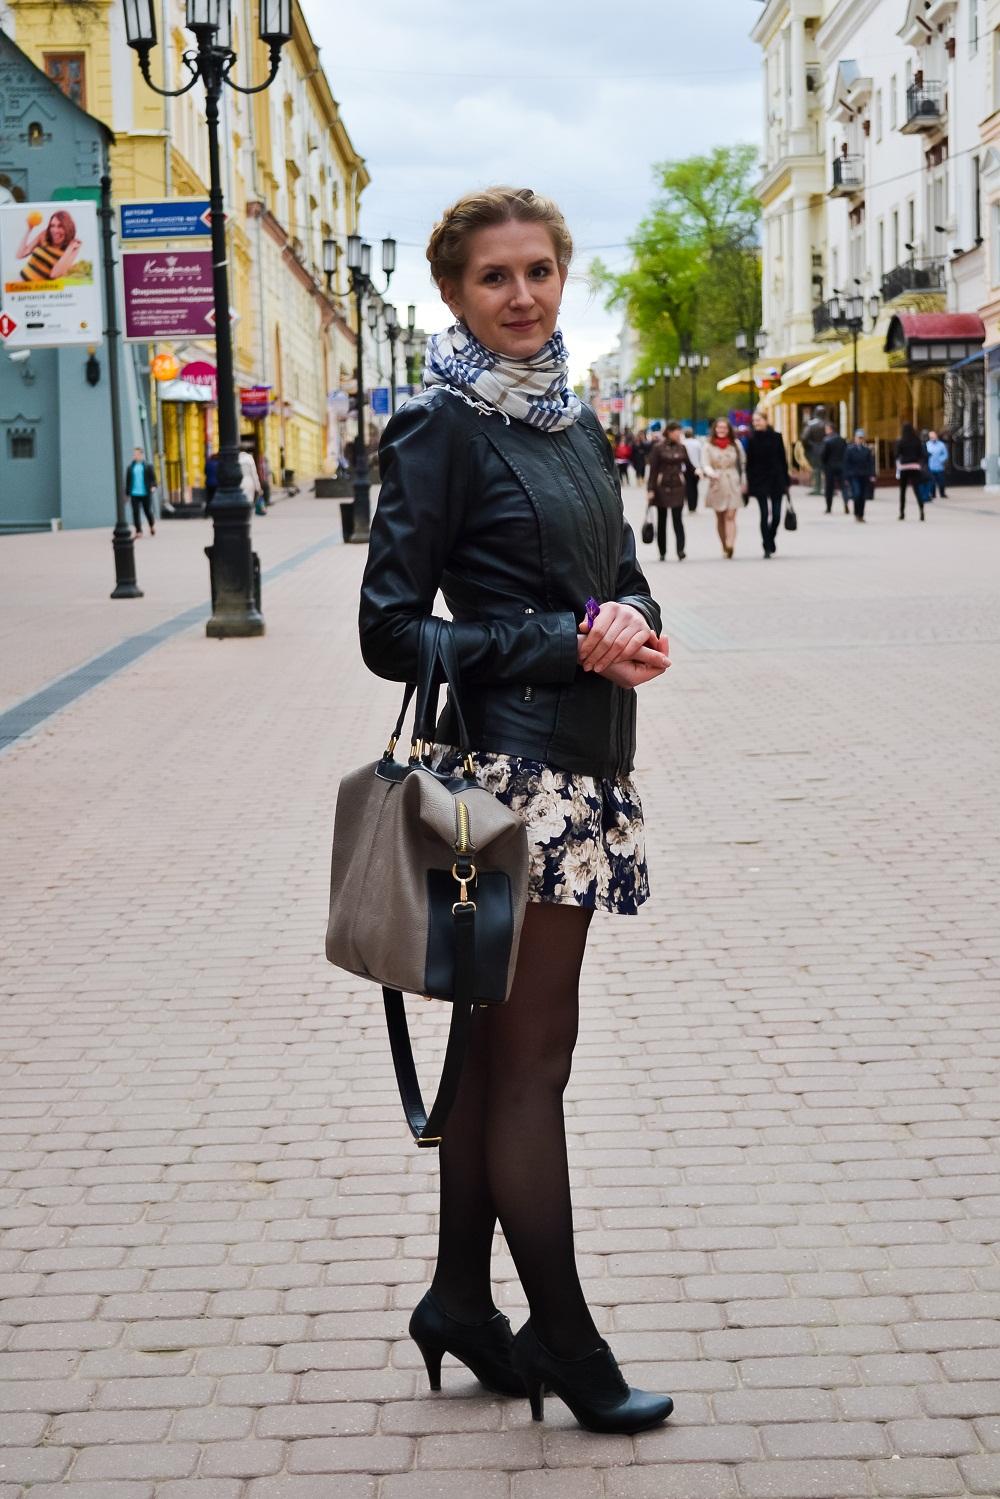 Русское порно зрелых женщин смотреть онлайн бесплатно